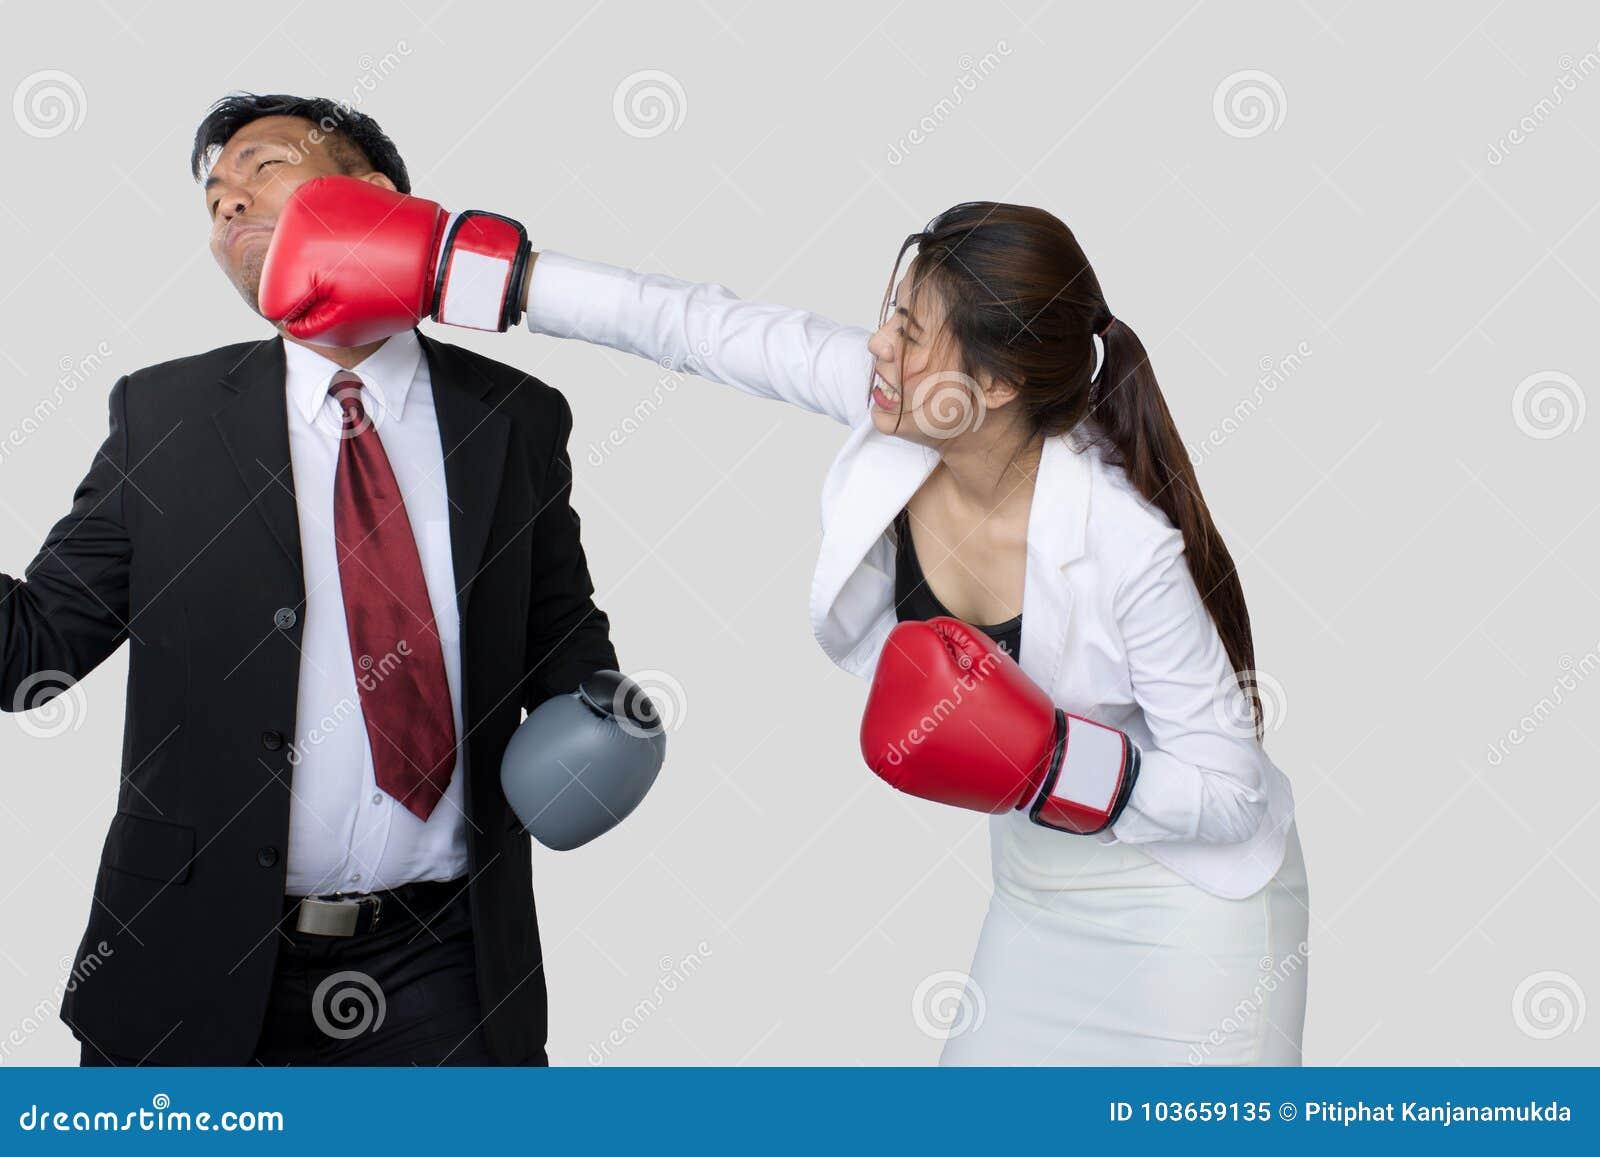 Pomyślna biznes drużyna, kostiumer lub klient w spotkaniu, bizneswomanie dyskutuje nad dokumentem z męskim kolegą/